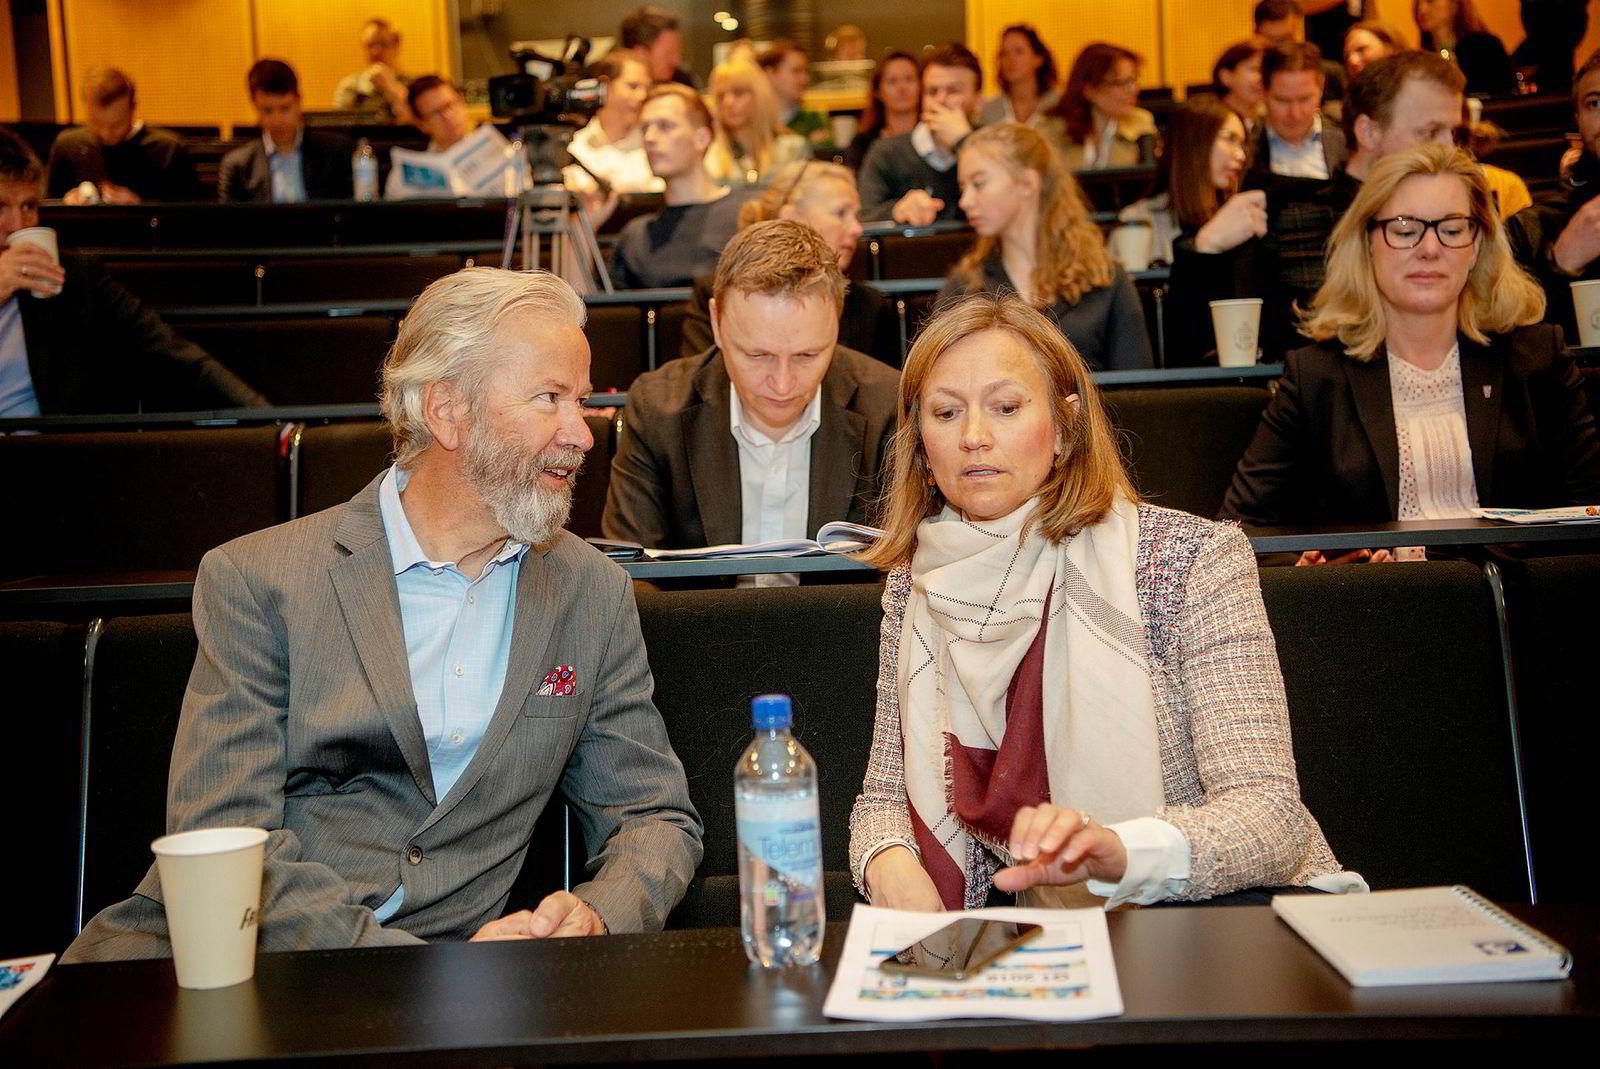 Fra venstre: Styreleder Ole Jacob Sunde i Schibsted asa og ny sjef for Schibsted Publishing, Siv Juvik Tveitnes.